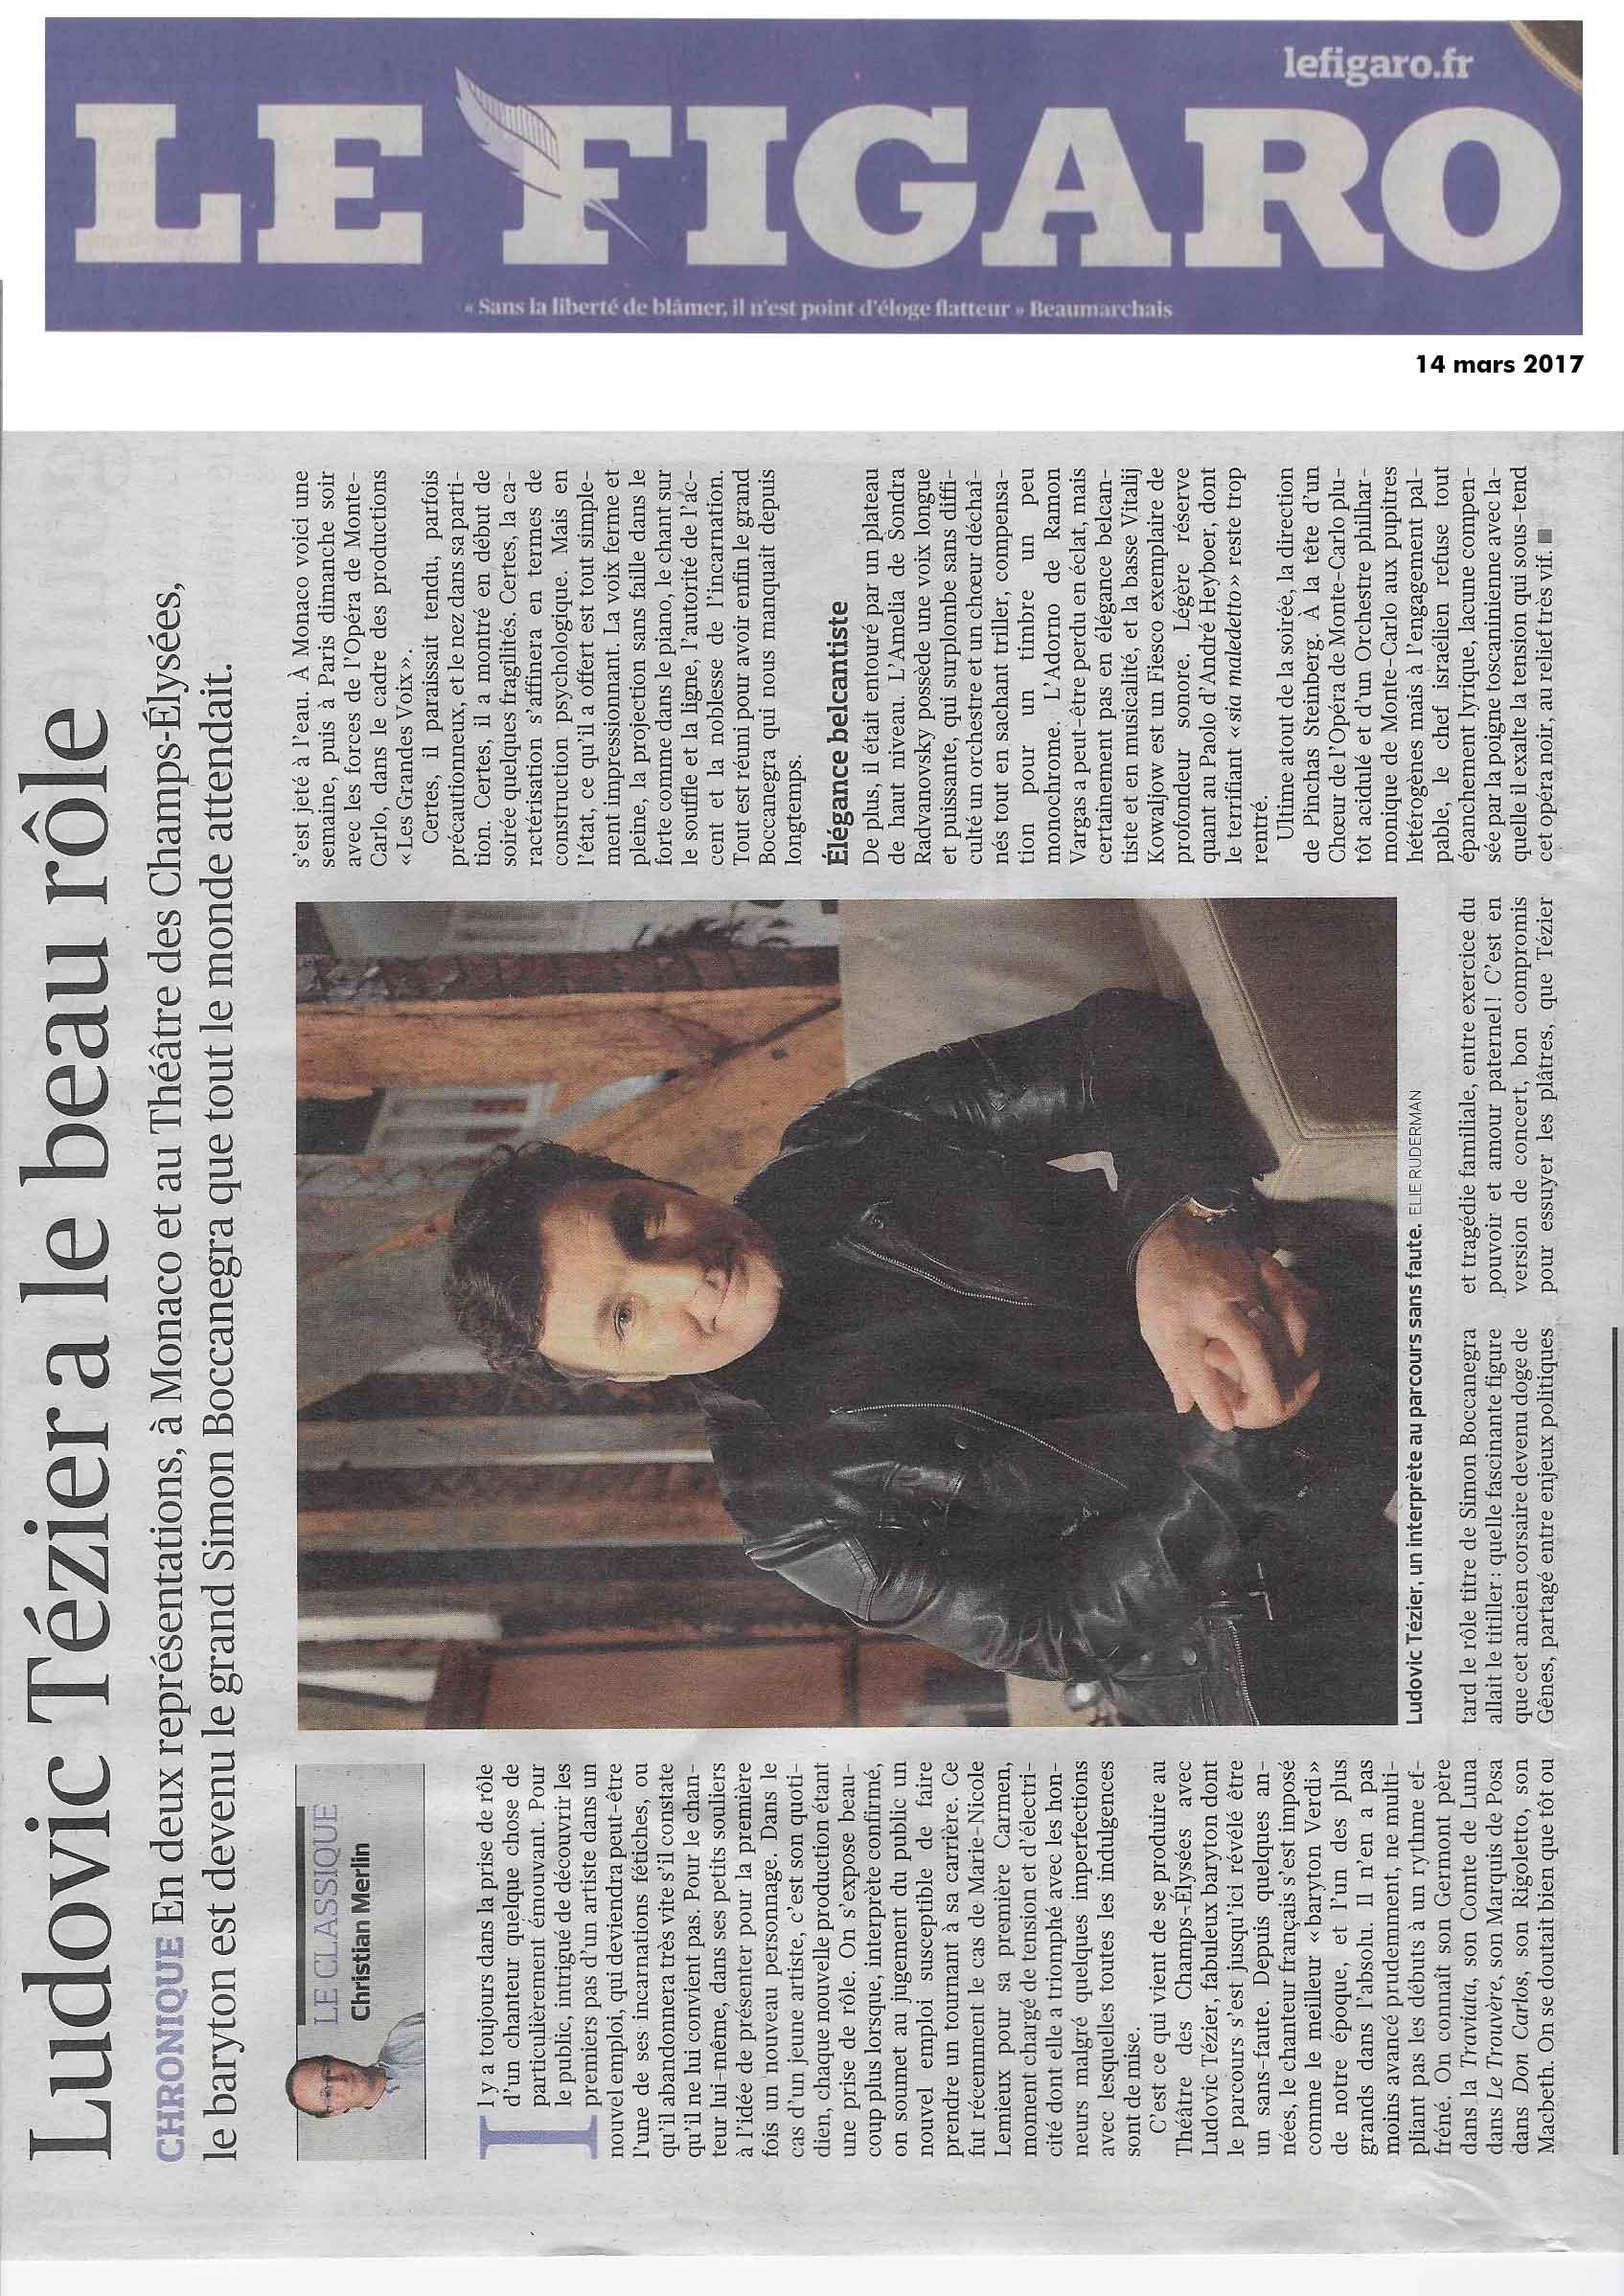 Compte-rendu de Simon Boccanegra dans le Figaro du 14 mars 2017